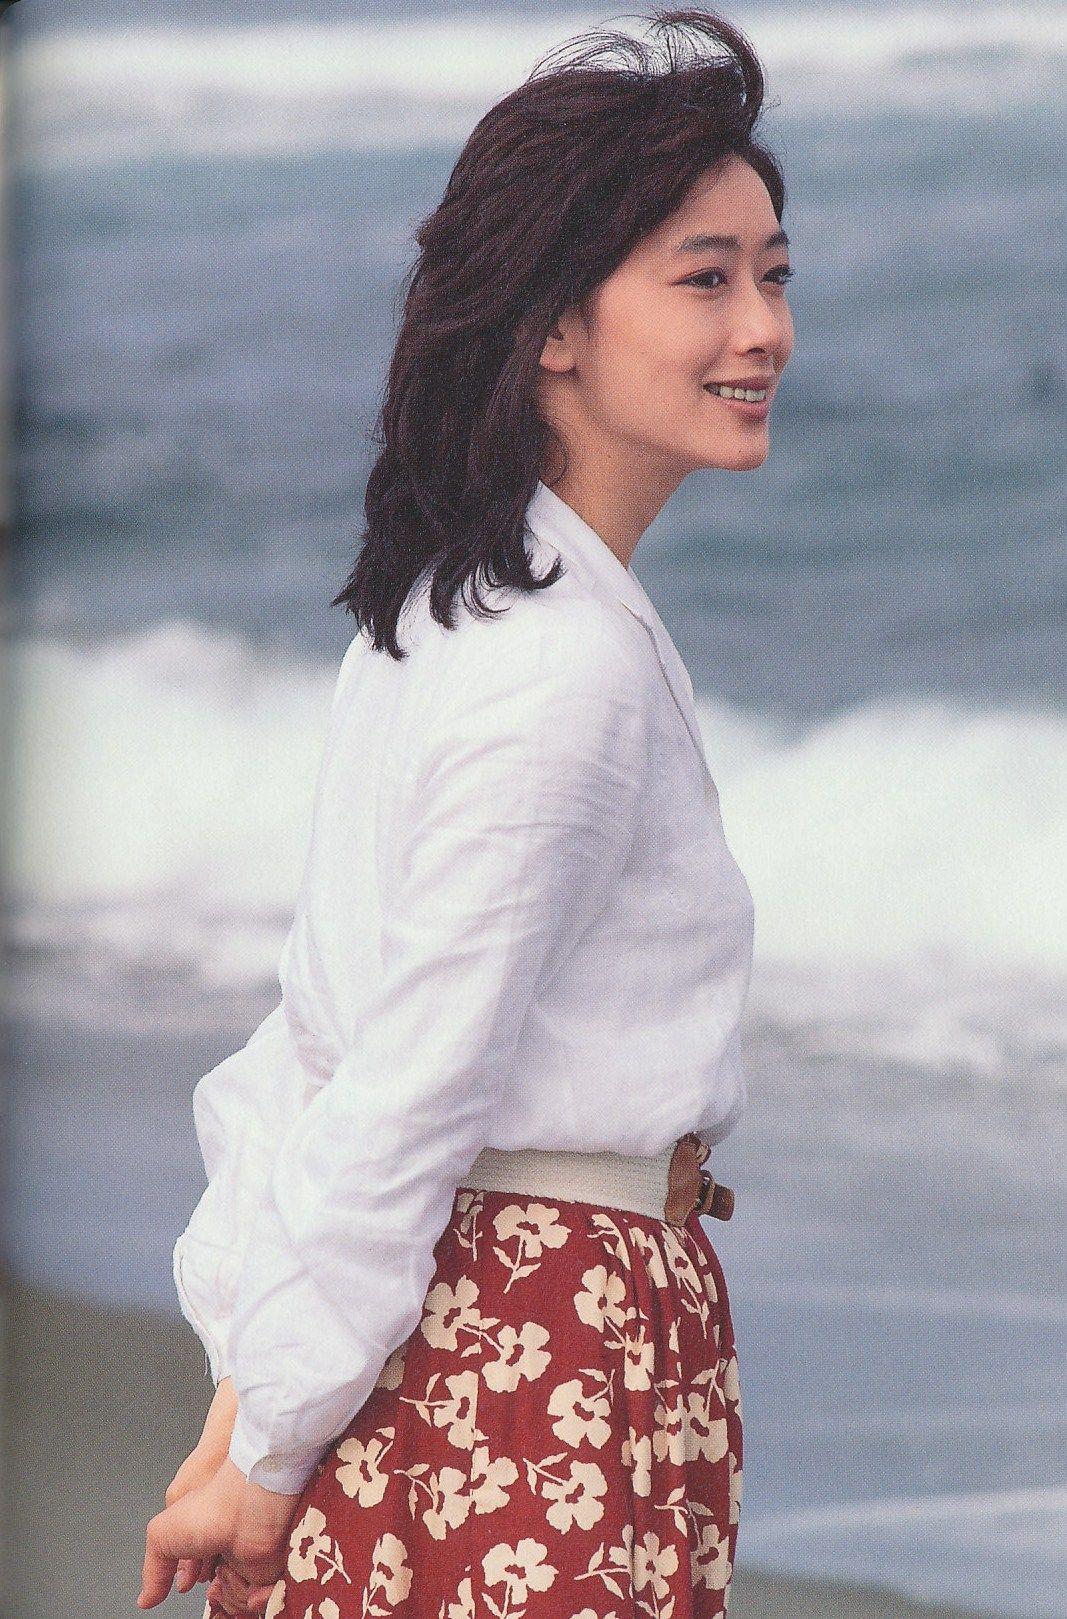 洋服が素敵な夏目雅子さん